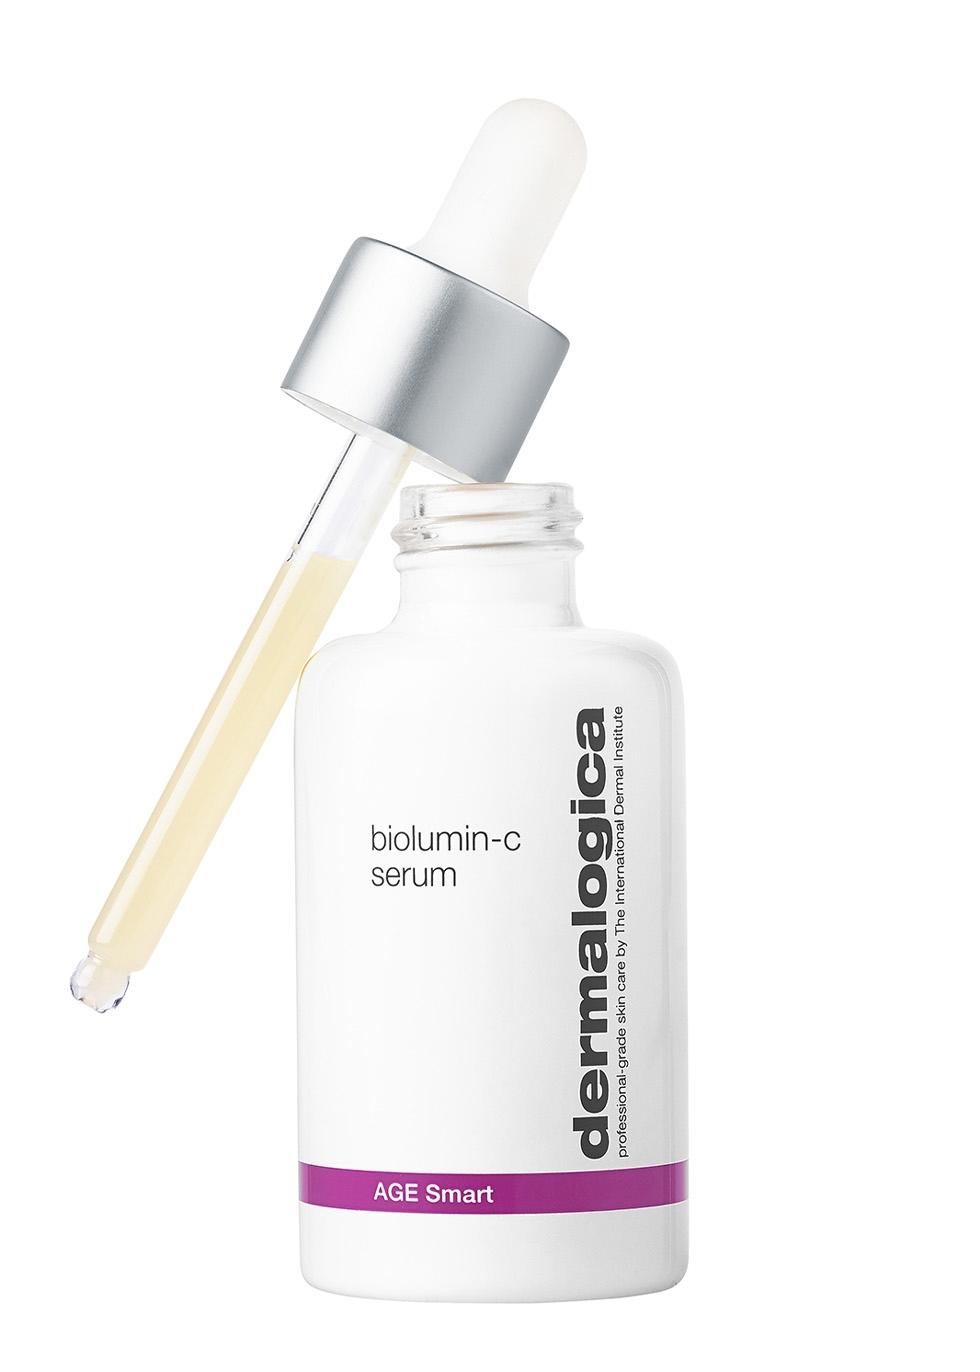 BioLumin-C Serum 59ml